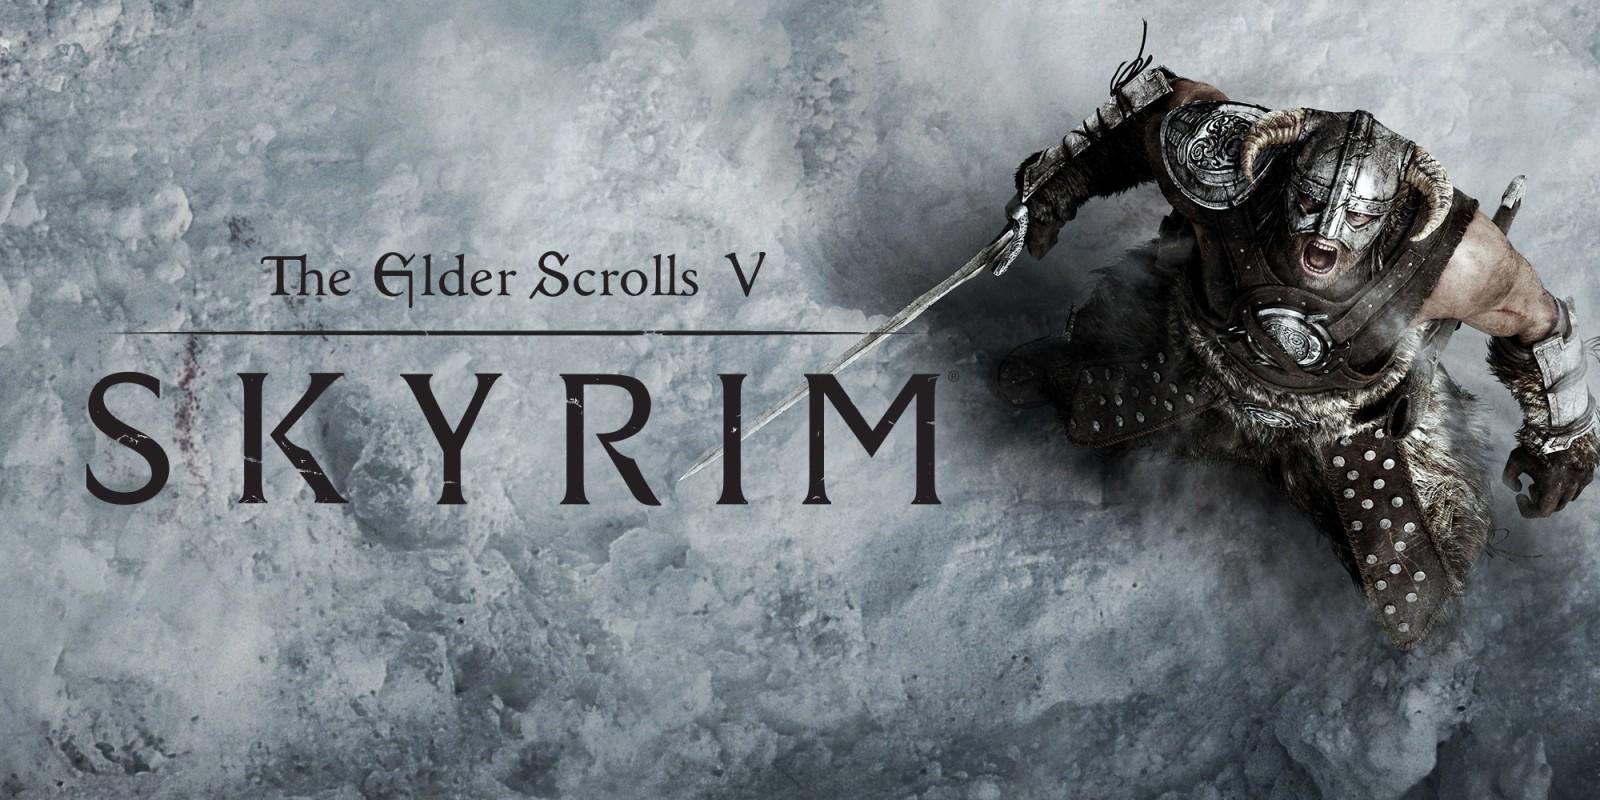 Skyrim Special Edition - фотореалистичные текстуры с высоким разрешением